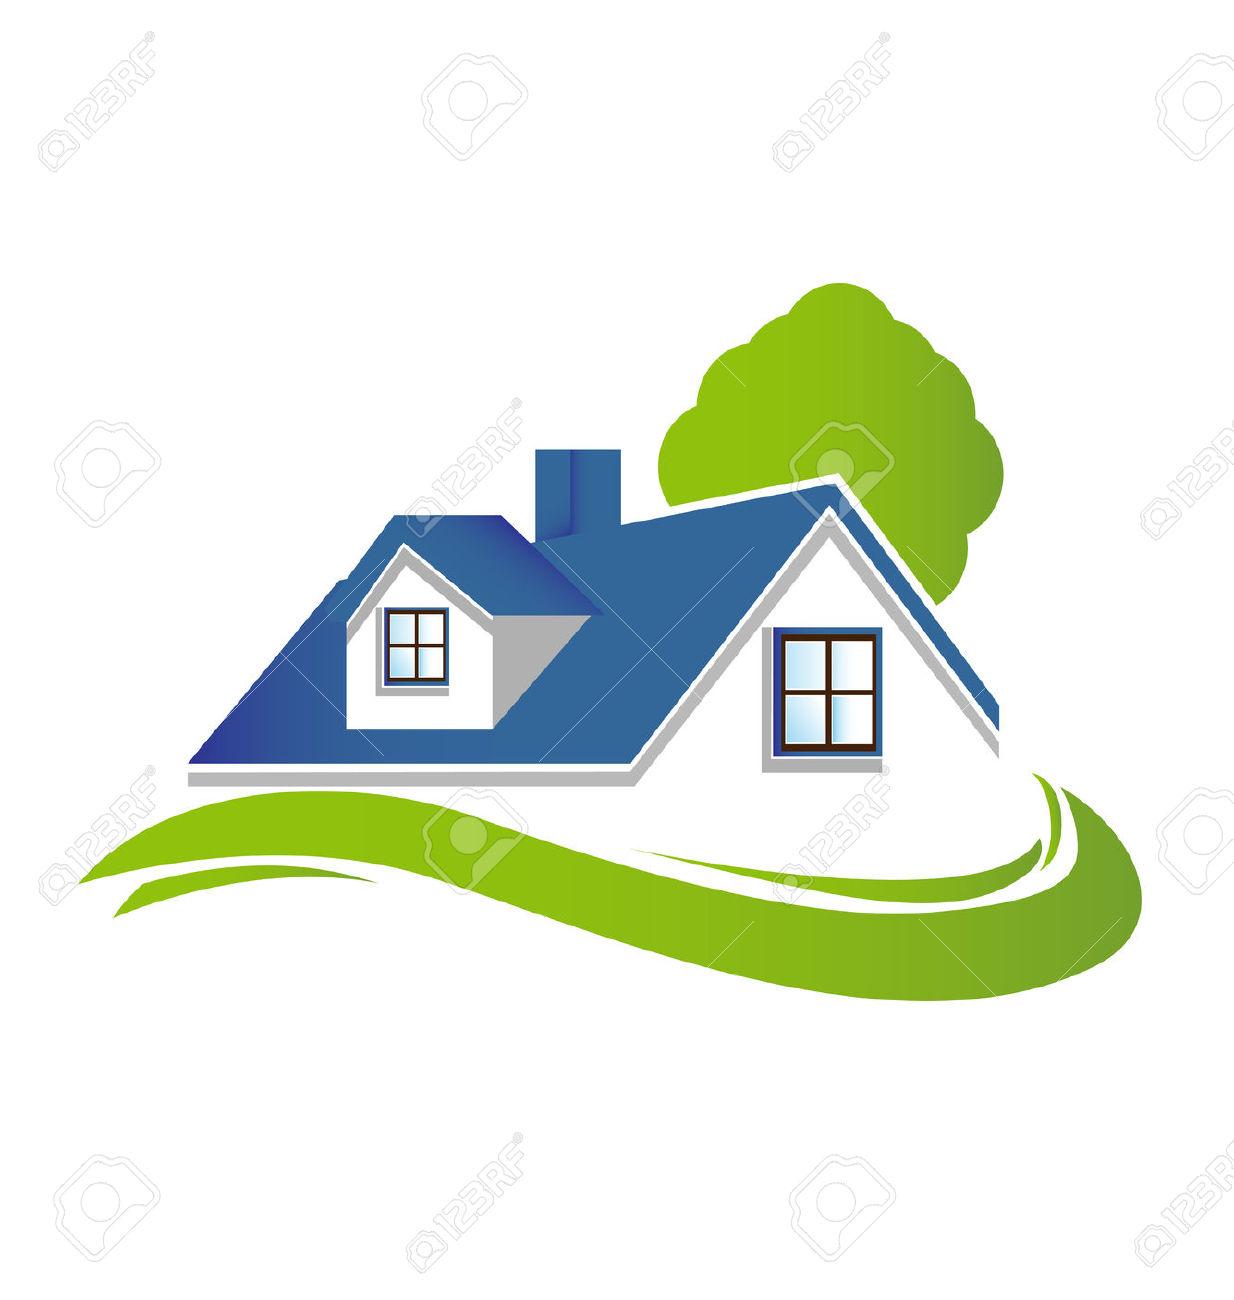 Haus mit garten clipart banner download Häuser Wohnungen Mit Baum Und Grünen Garten Vektor-Symbol-Logo ... banner download